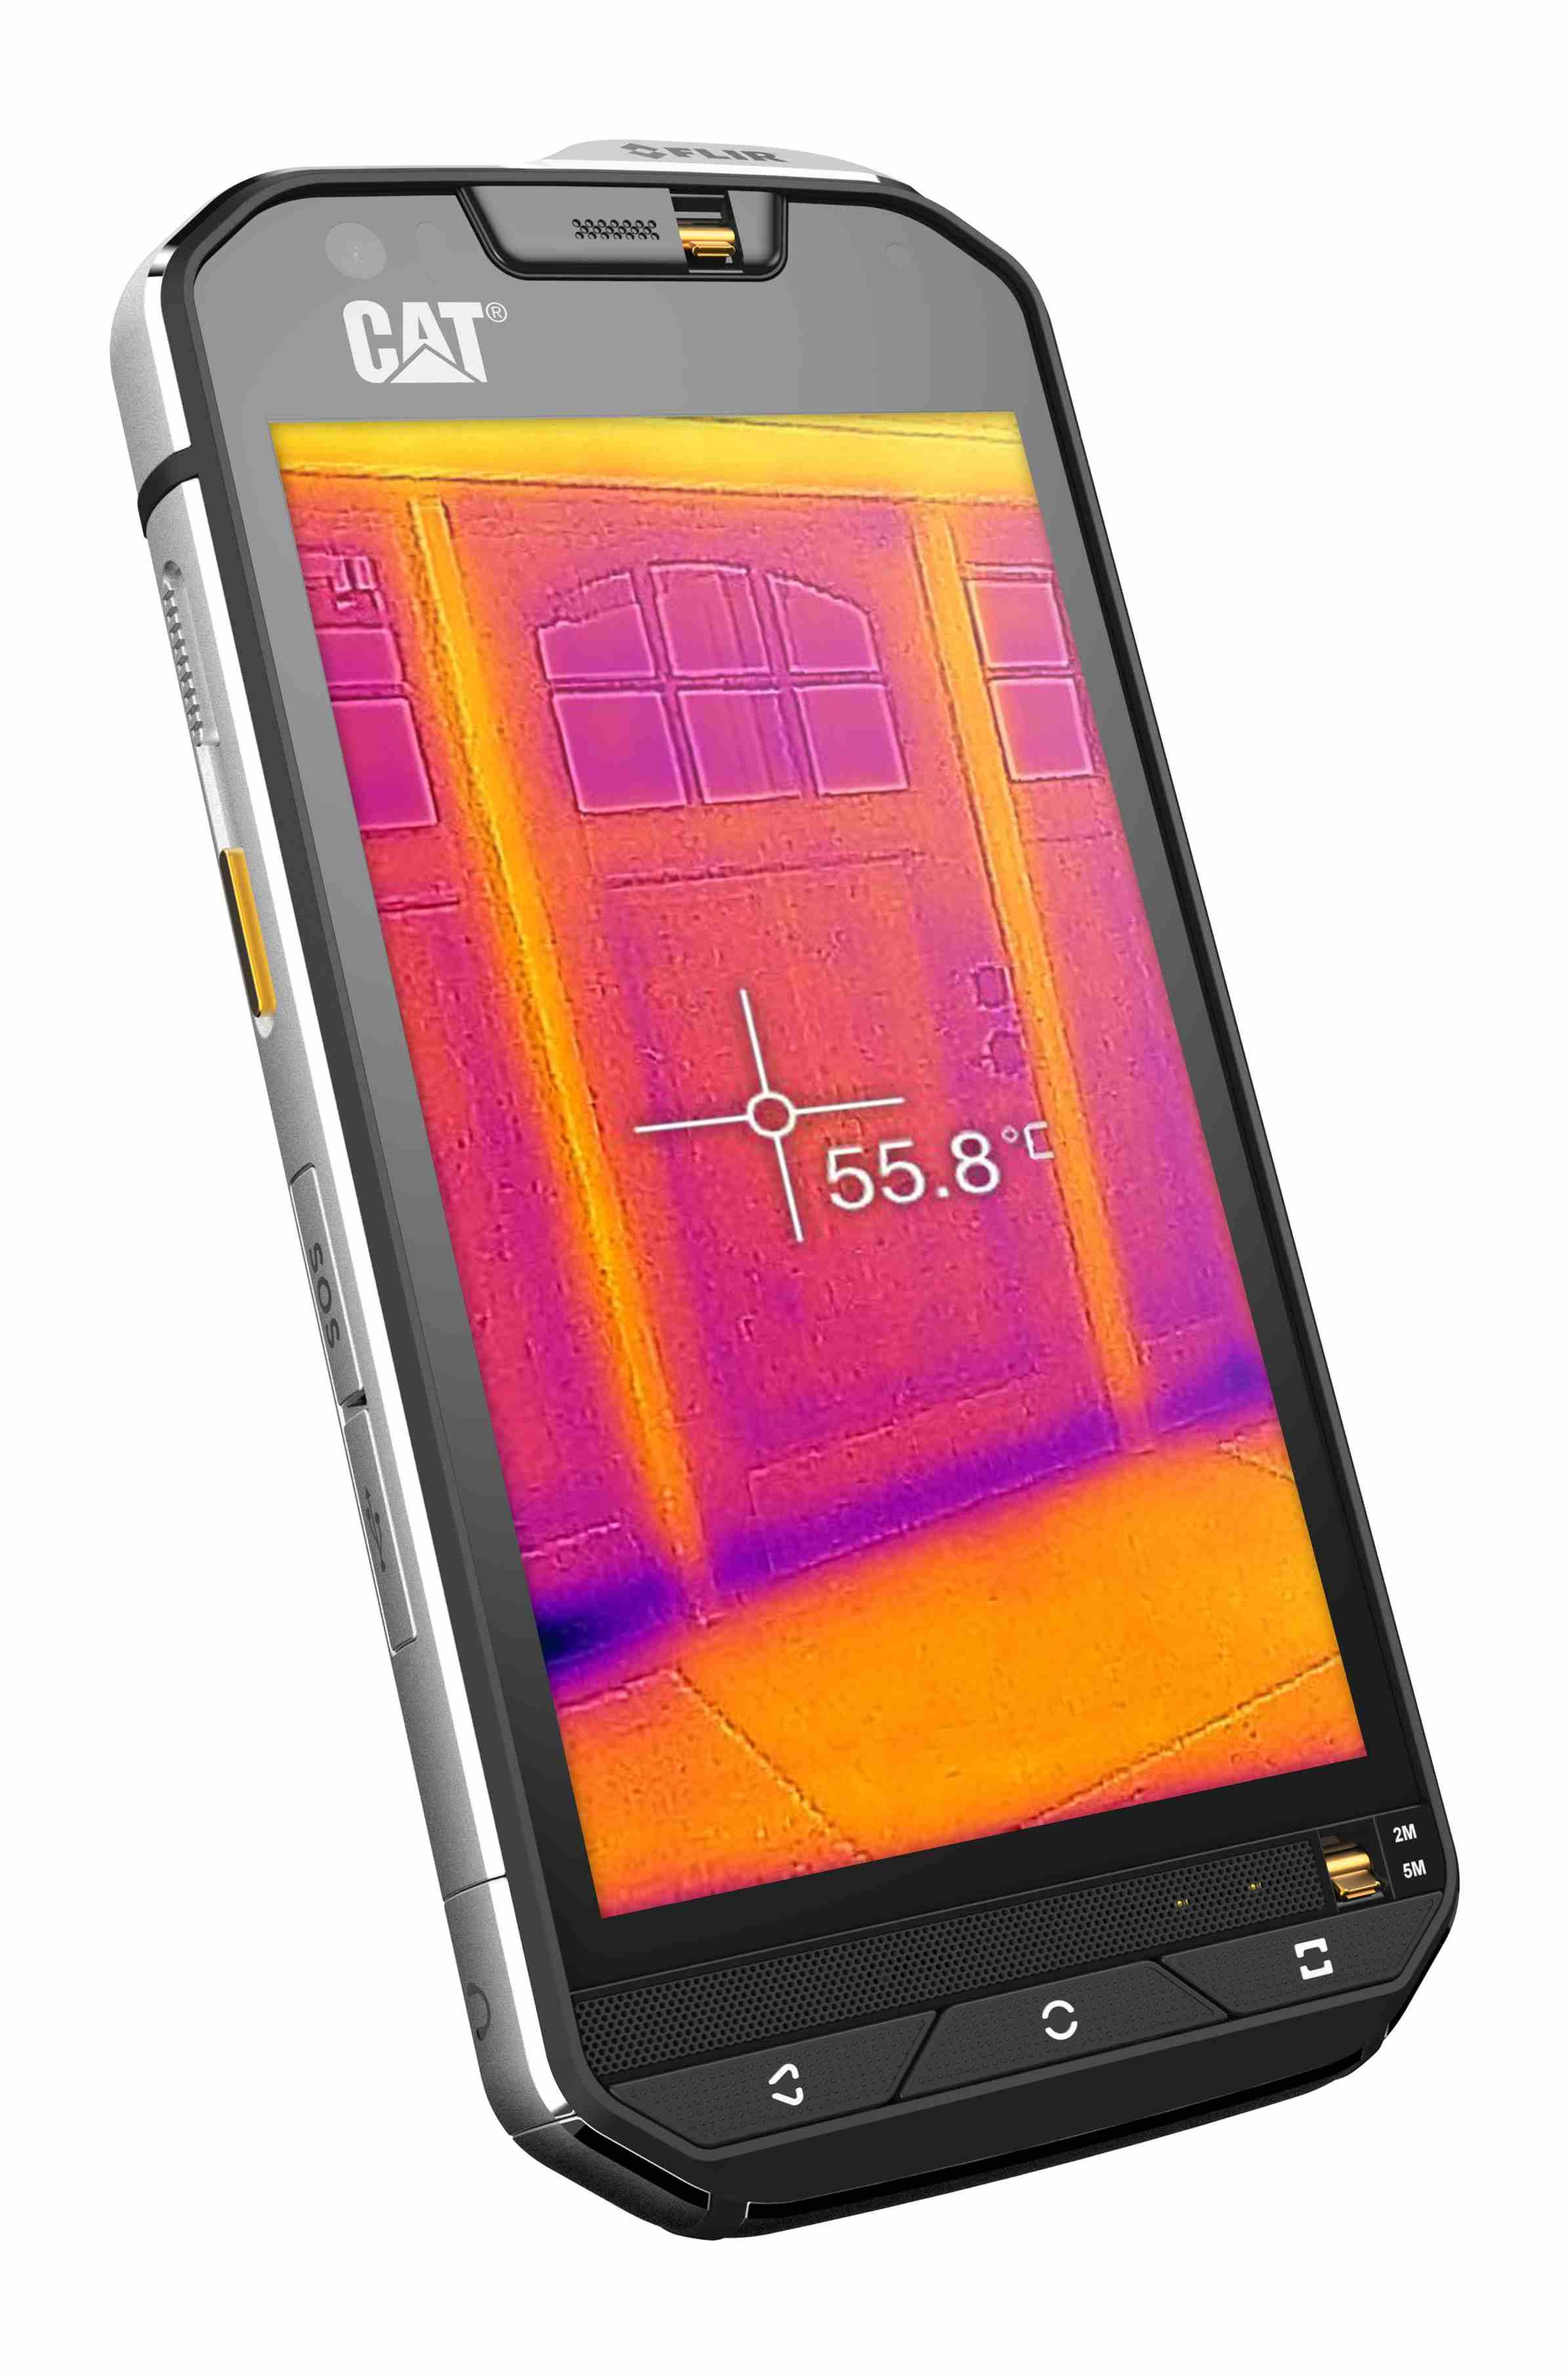 CAT S60 je telefón, ktorý obsahuje aj termokameru a dokáže rozpoznávať teplé objekty. Foto: CAT